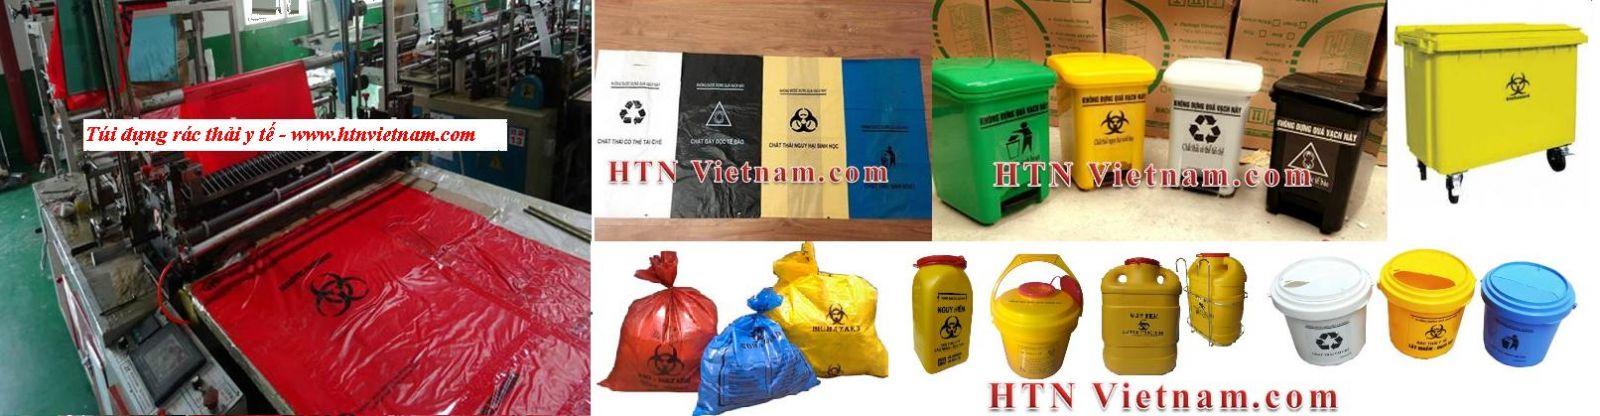 http://htnvietnam.com/upload/images/Baner%20HTN%20VN%20(03)-Y%20t%E1%BA%BF.PNG